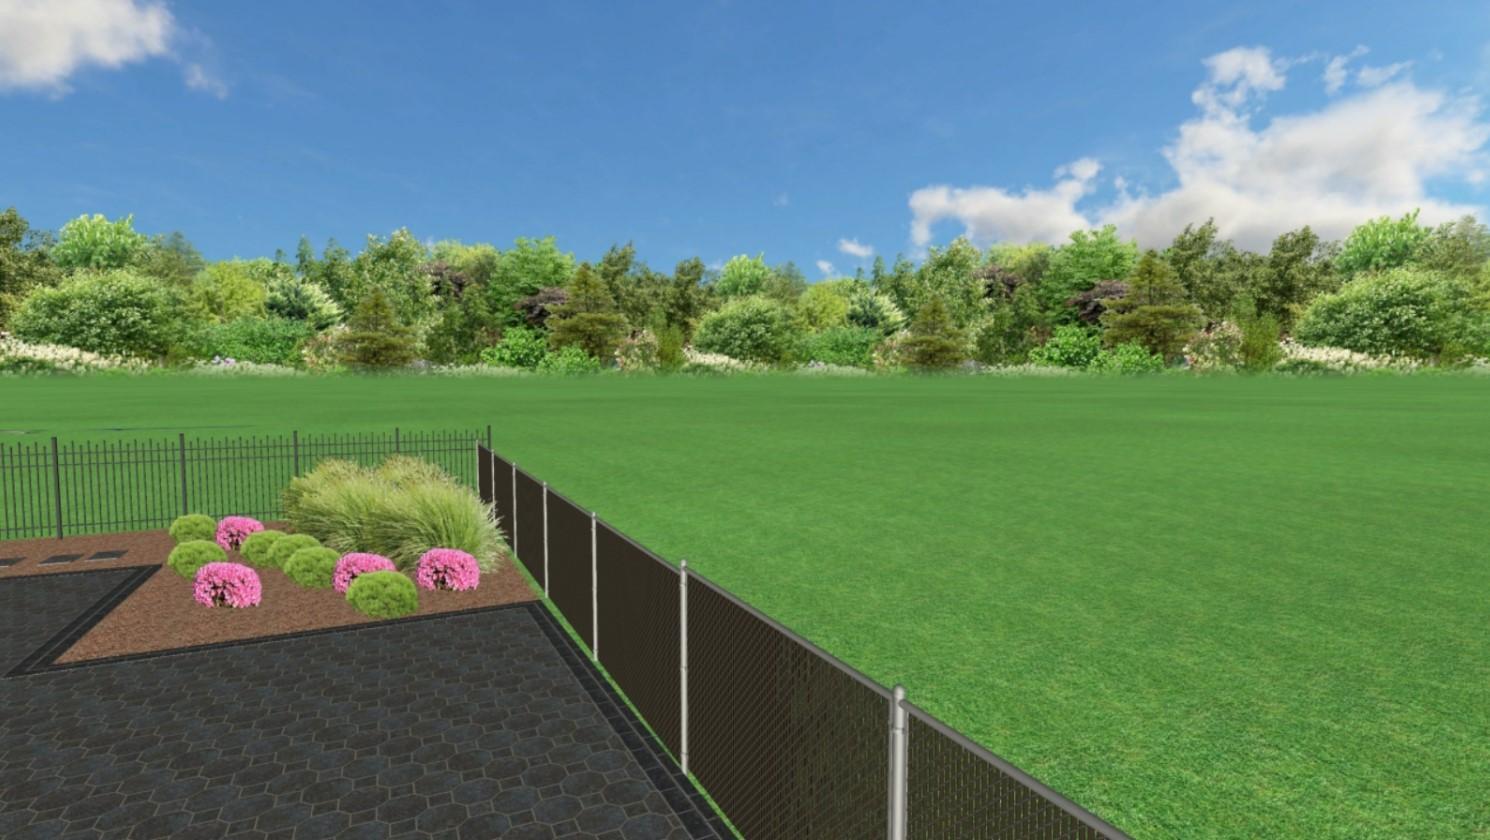 Zahrada na klíč - Pohled zepředu domu, kde nebude vyseta tráva, pouze okrasné záhony.